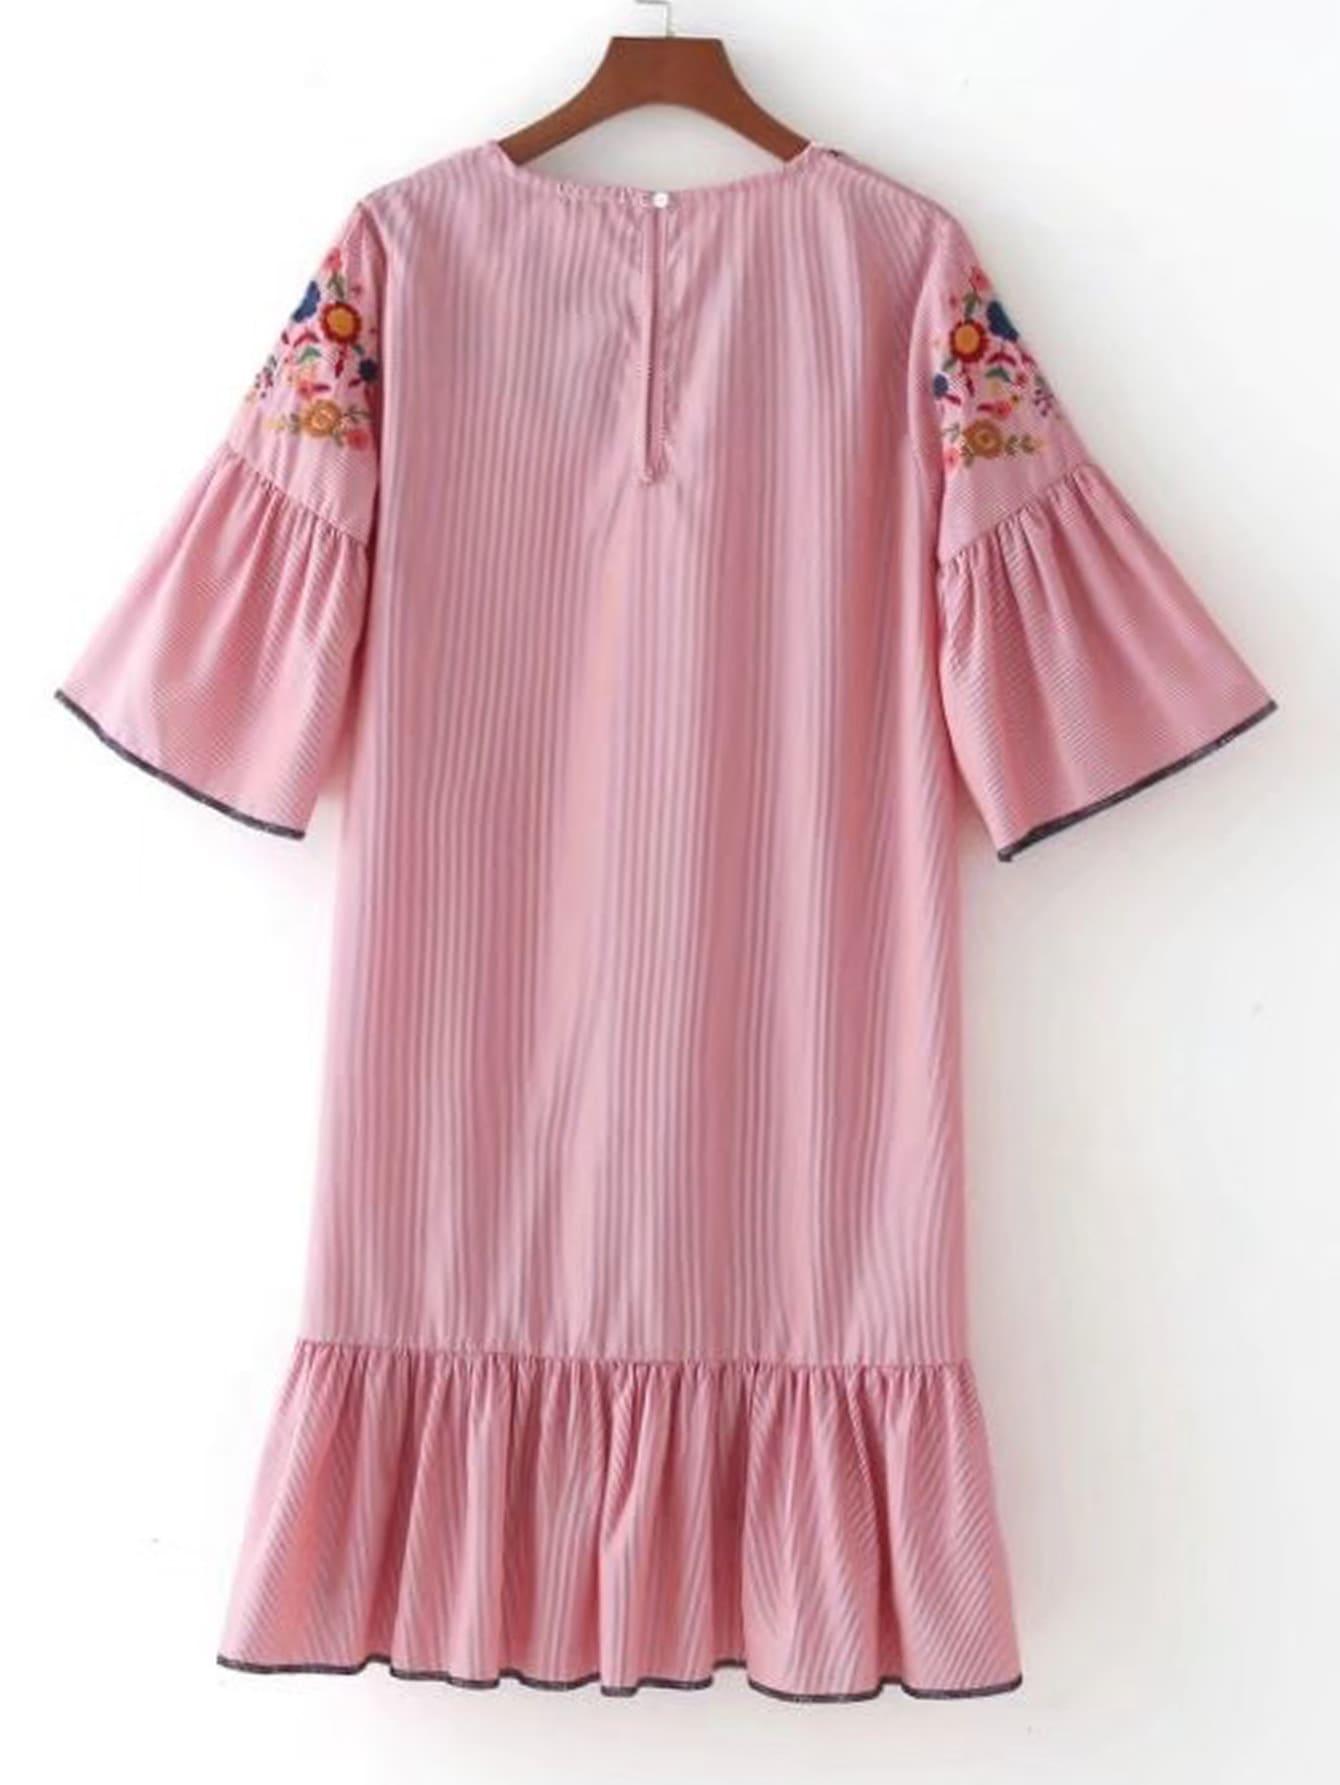 dress170504205_2